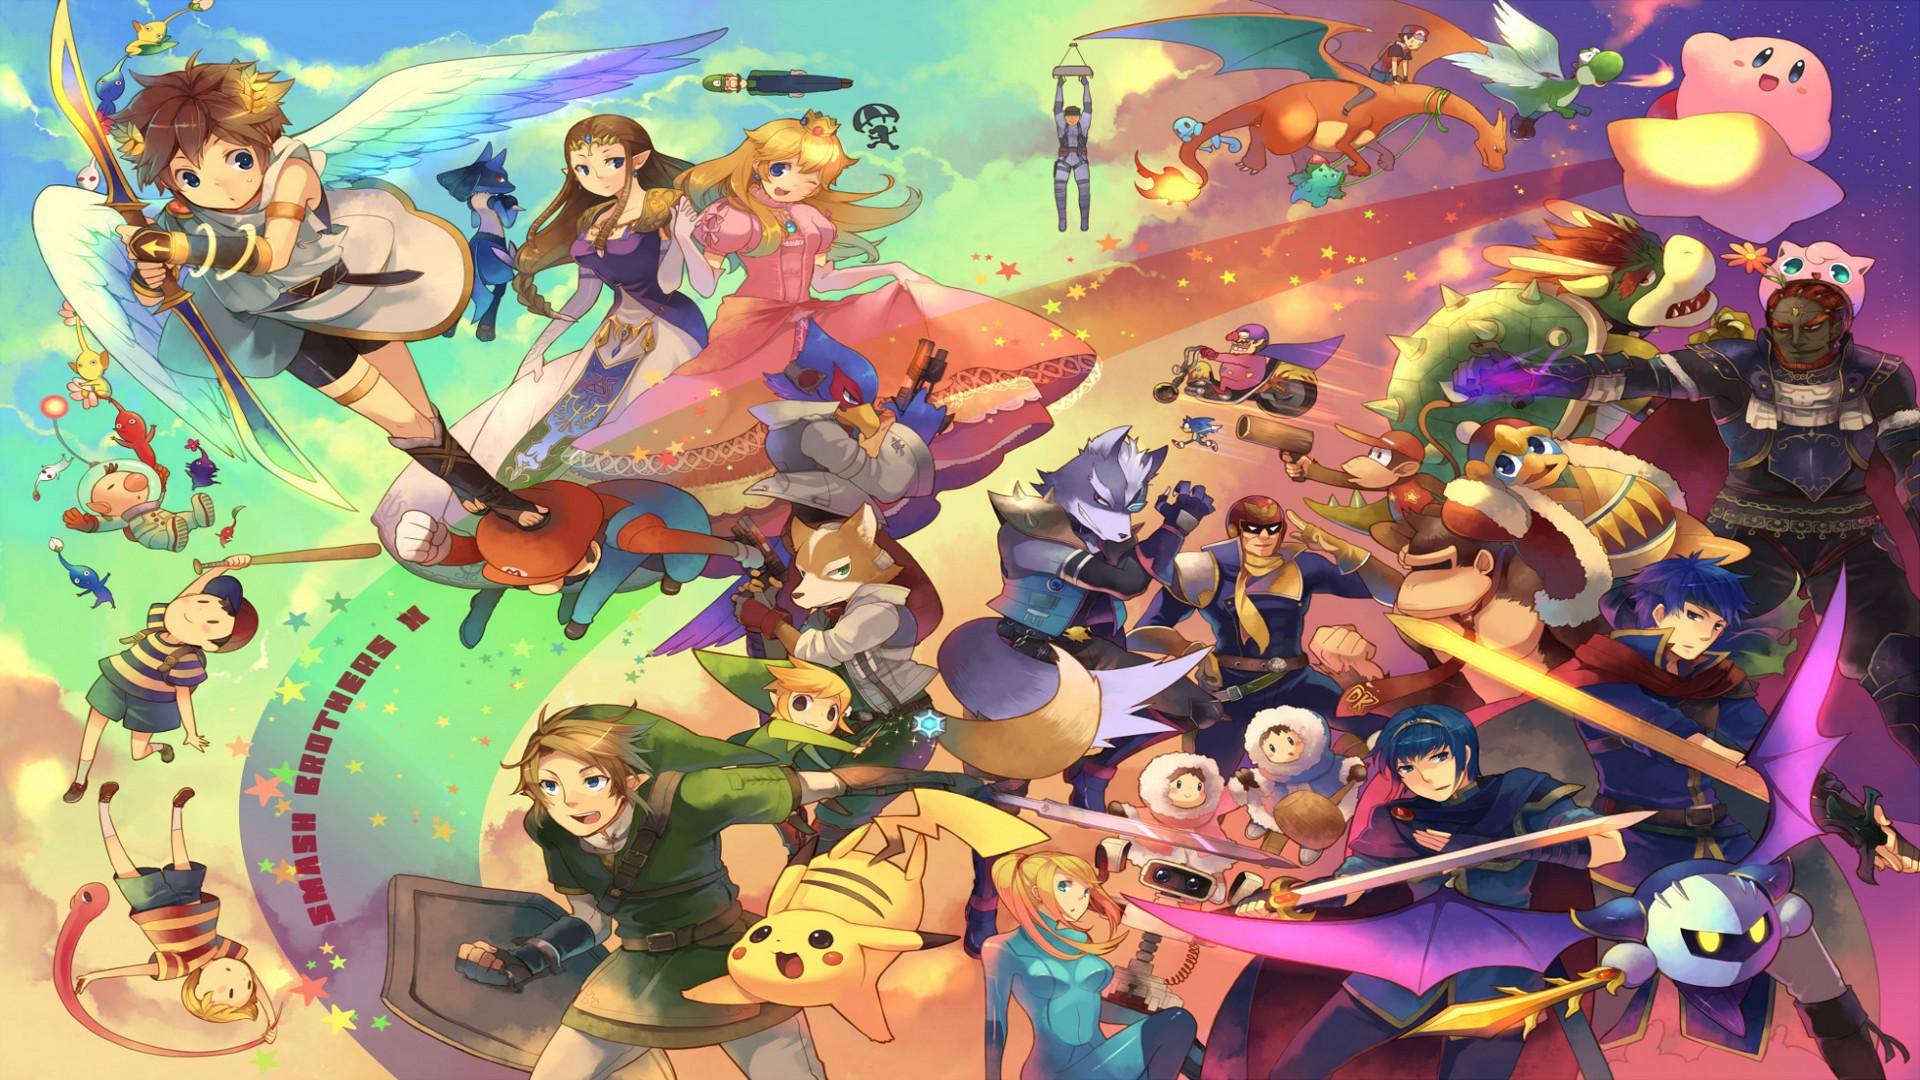 Super Smash Bros. Melee Details - LaunchBox Games Database